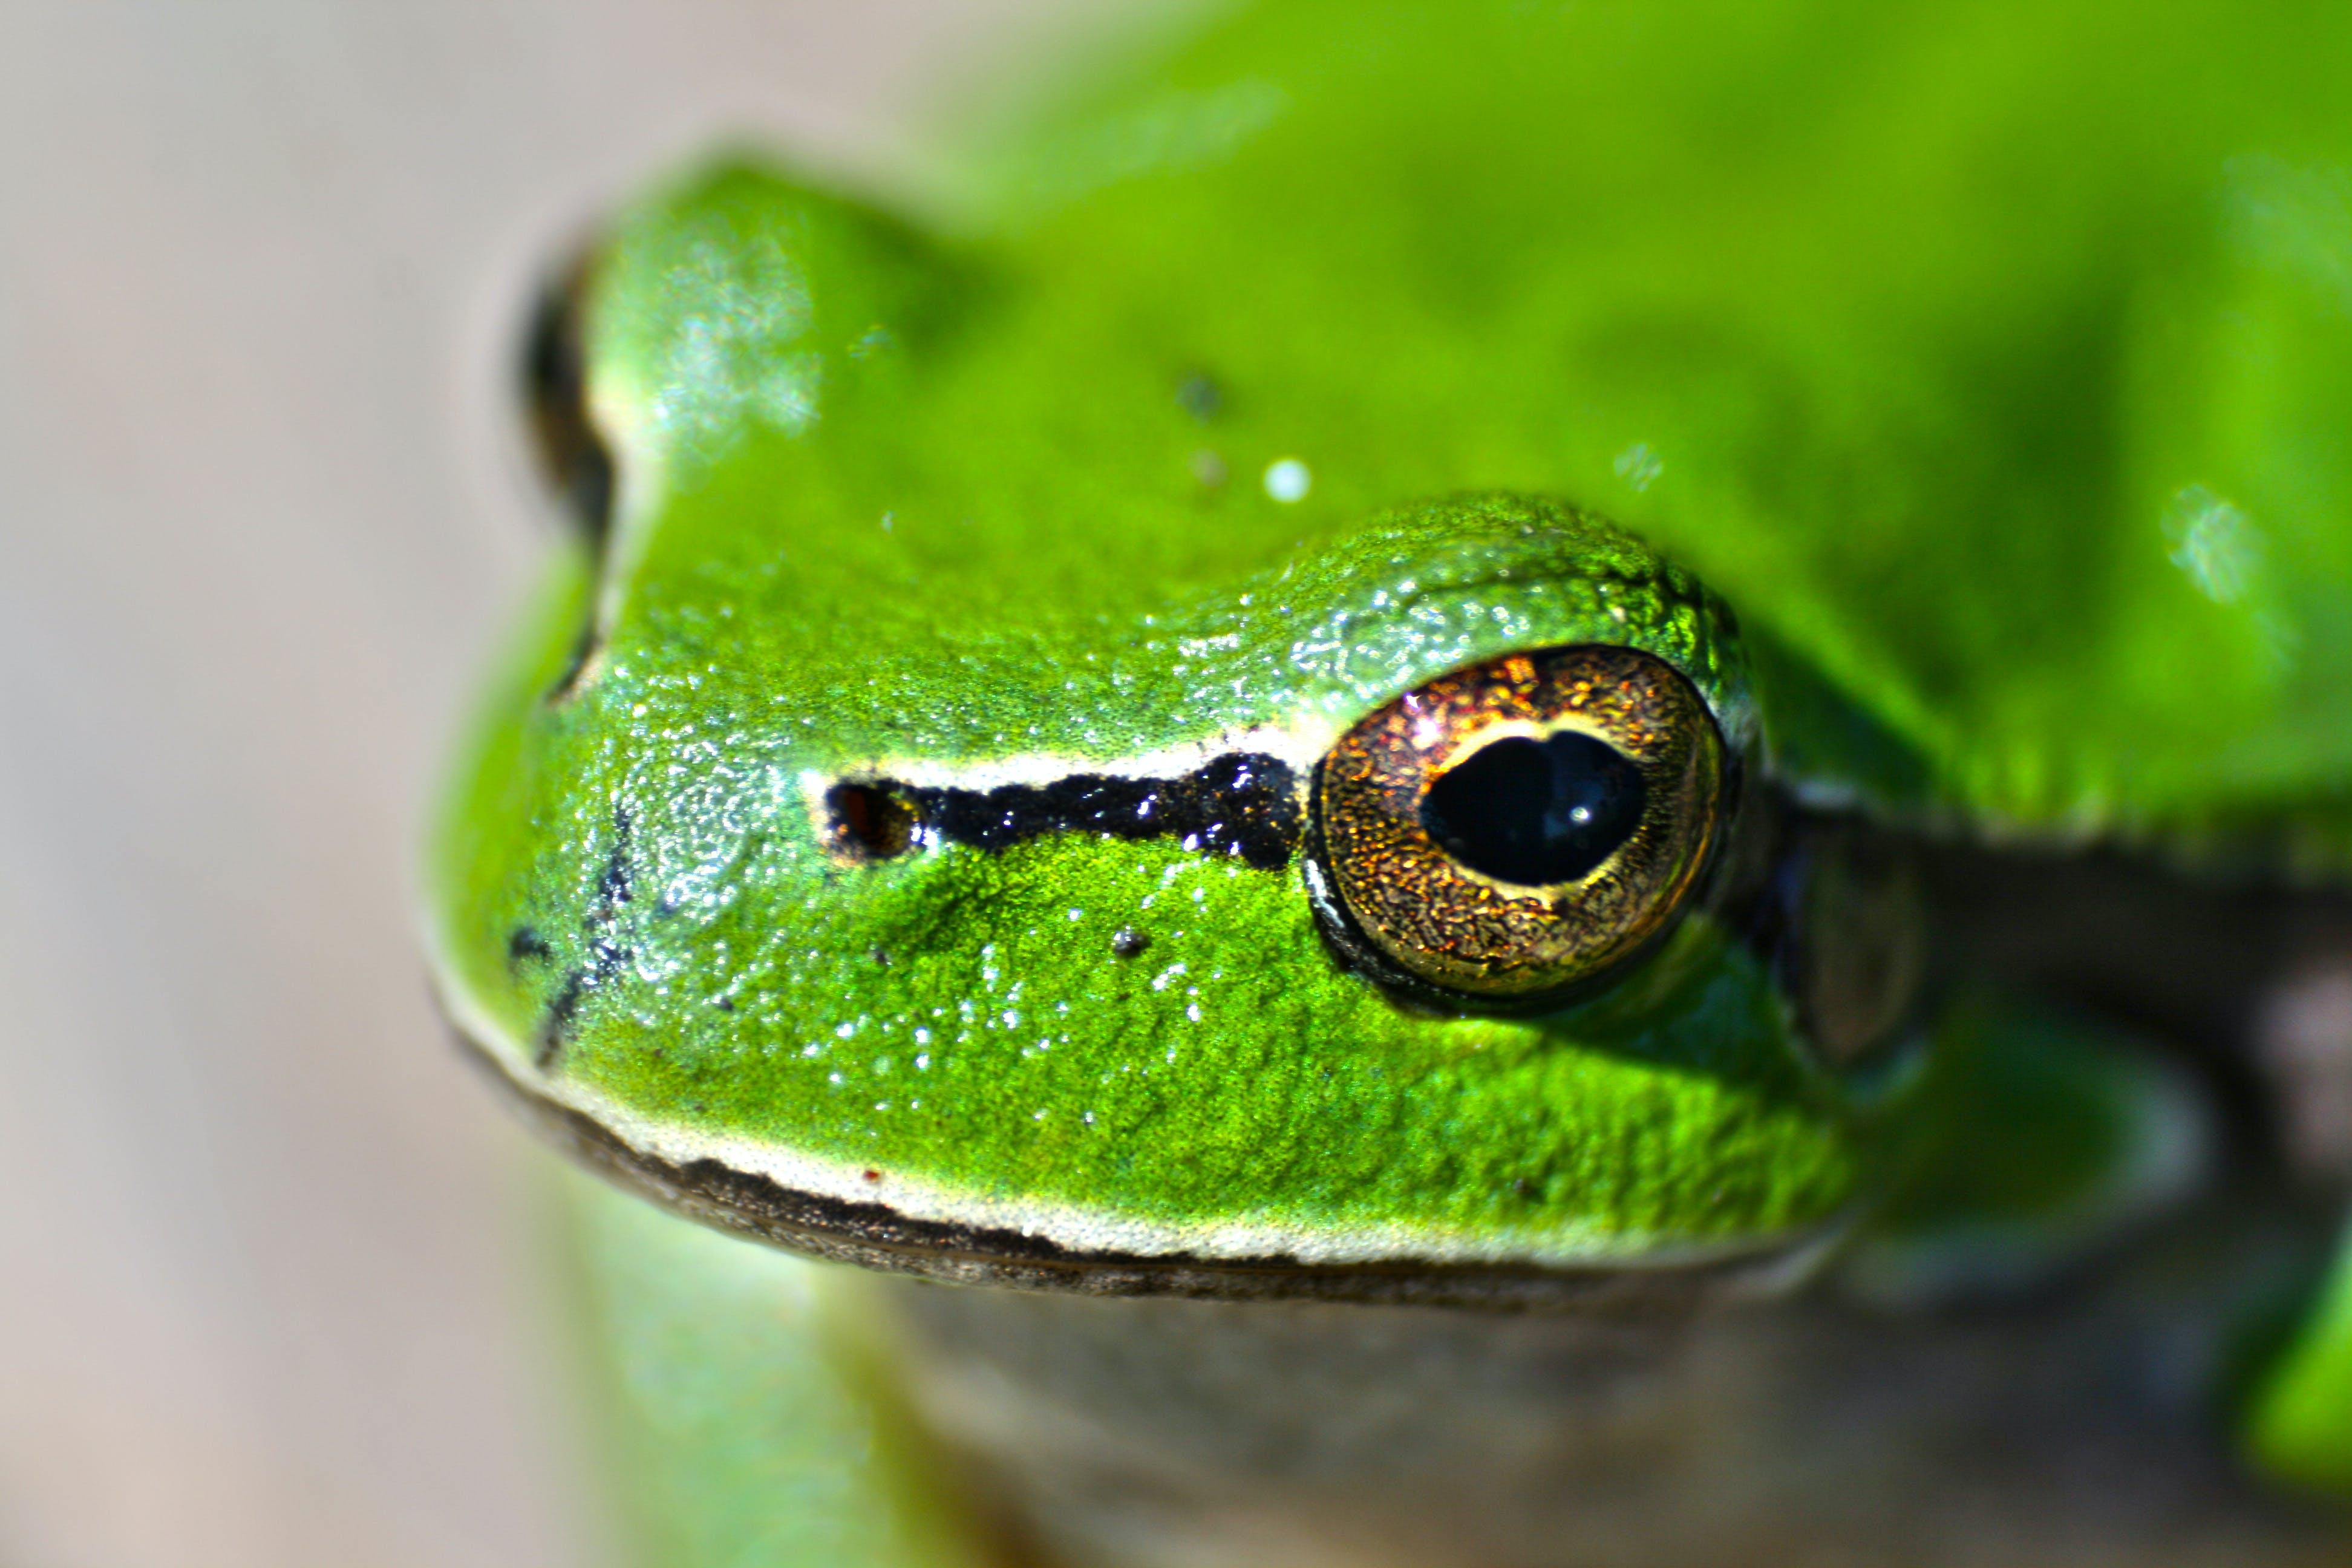 Kostenloses Stock Foto zu augen, biologie, frosch, grün